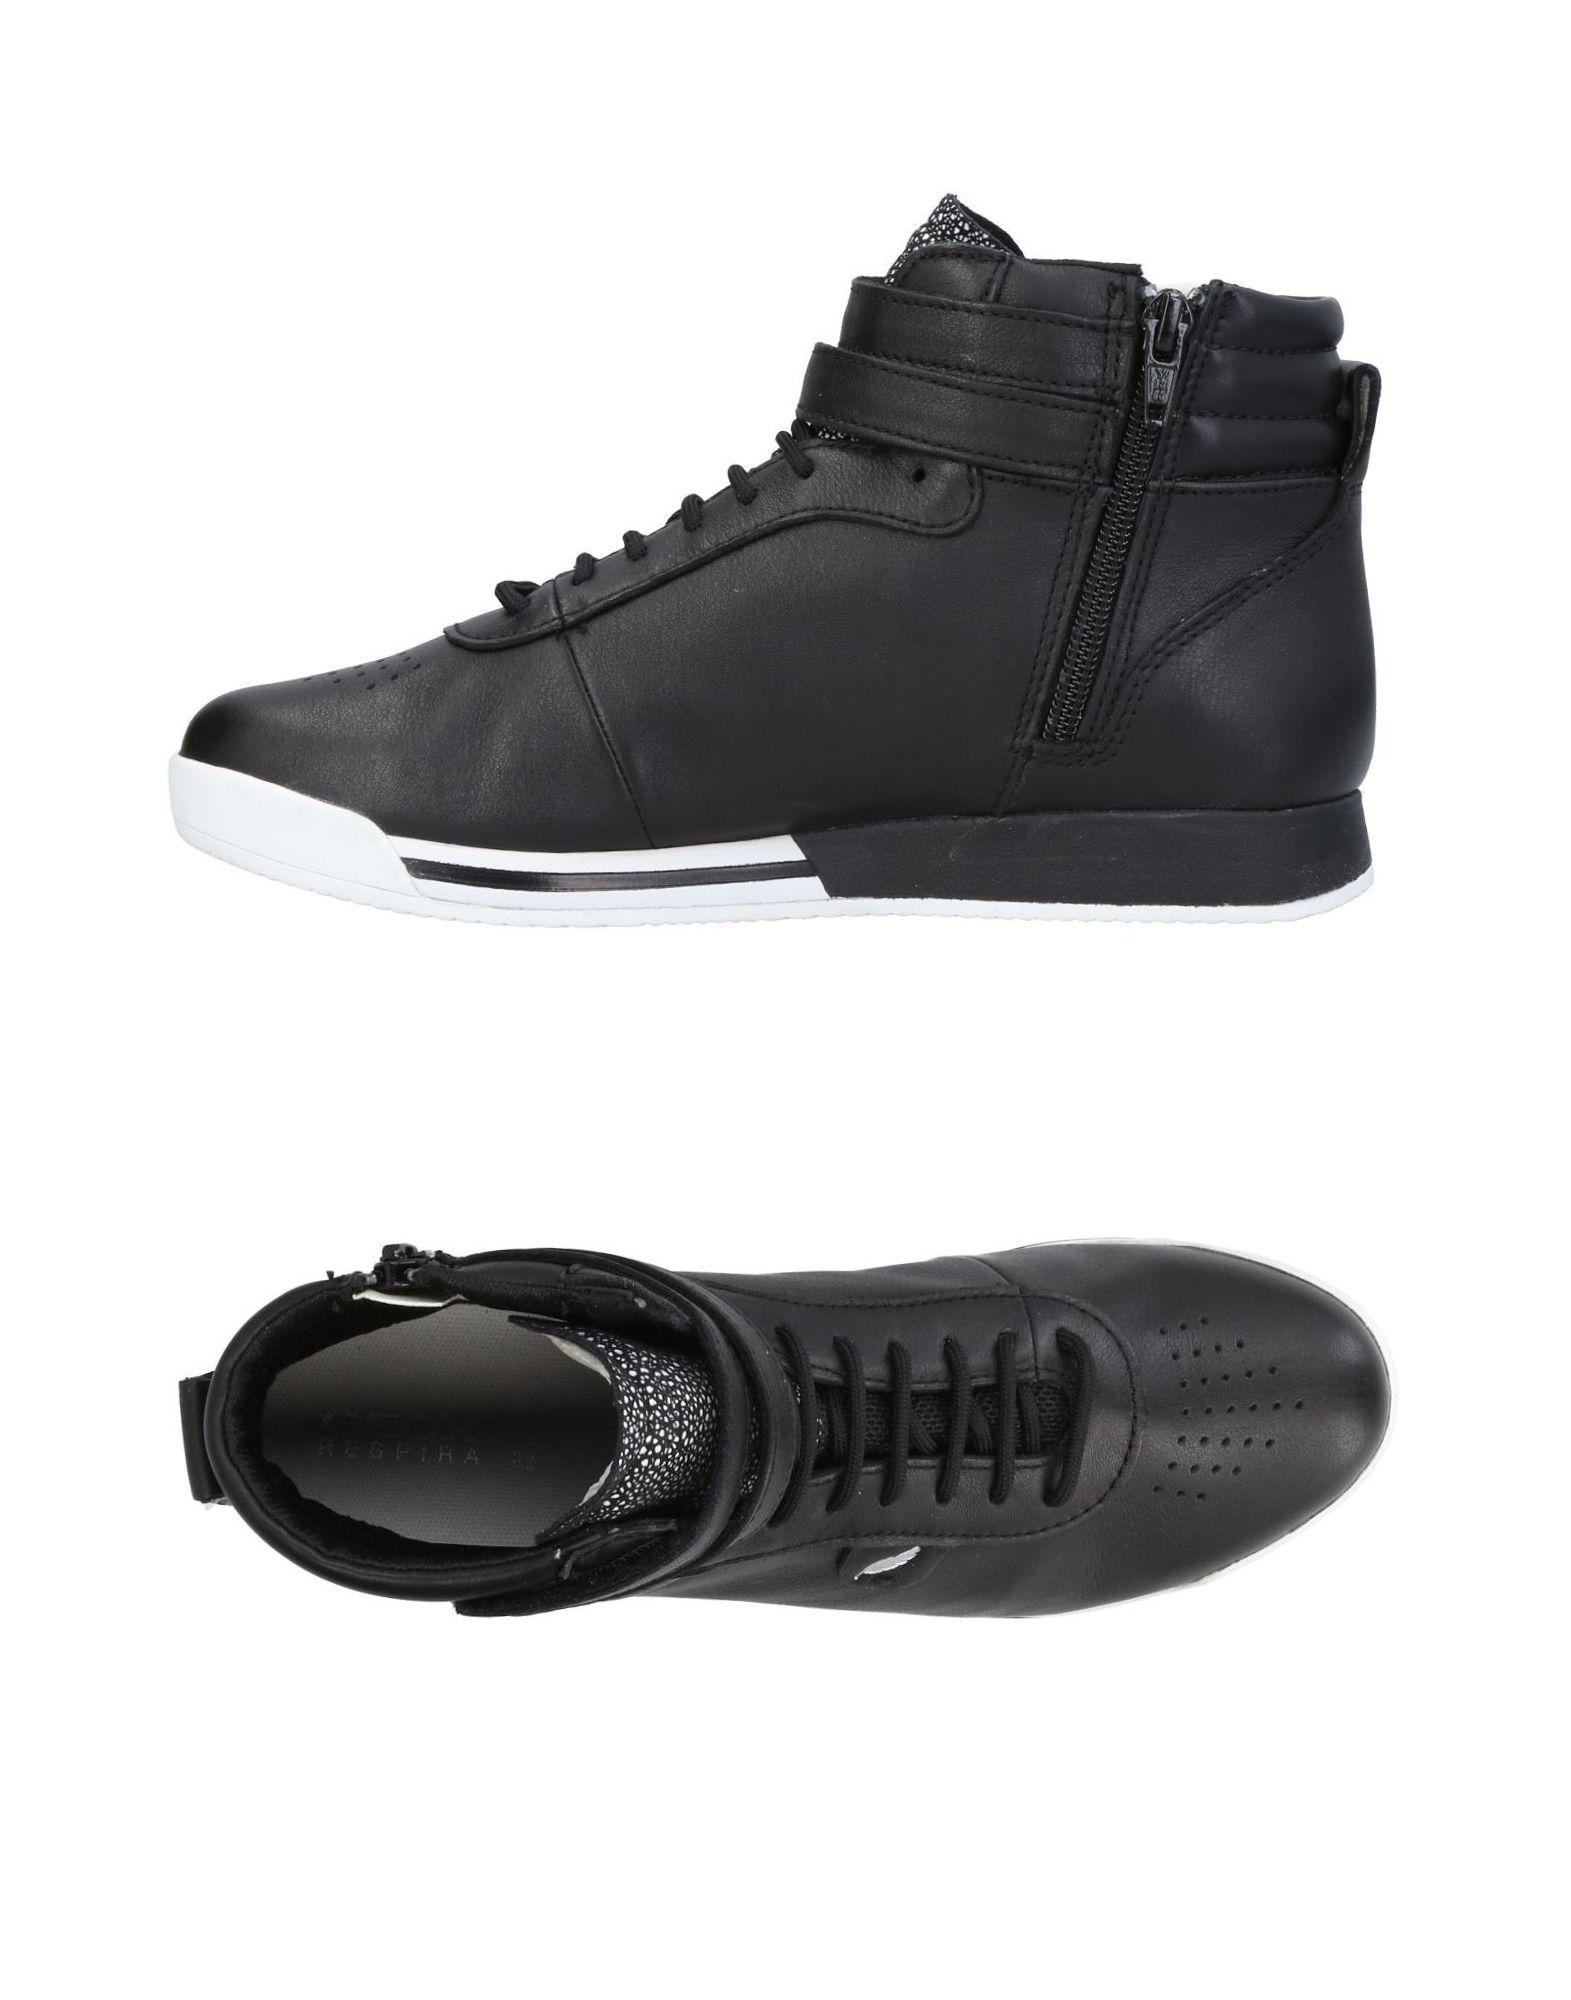 Geox Gute Sneakers Damen  11415732DG Gute Geox Qualität beliebte Schuhe a3d0d2